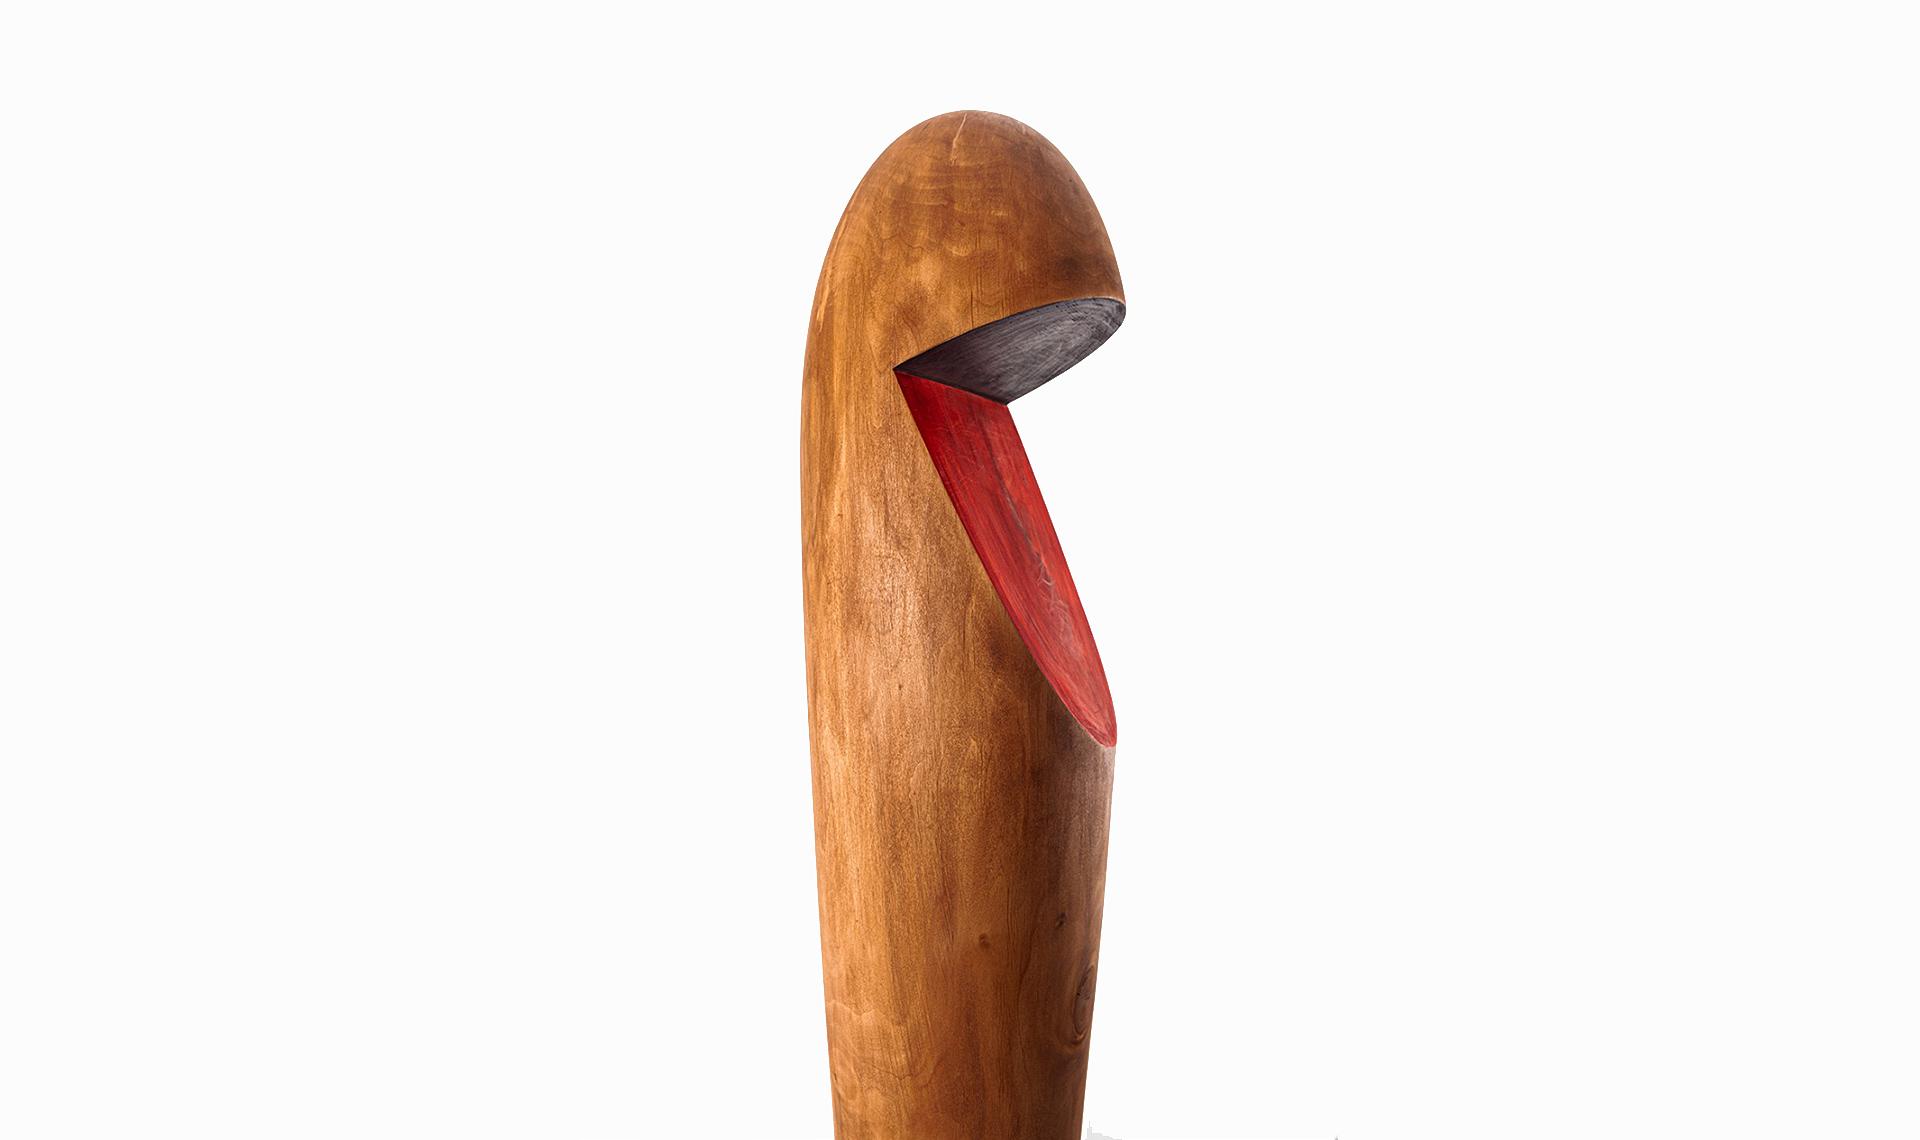 Выставка скульптур Ахмета Йигидера в Москве